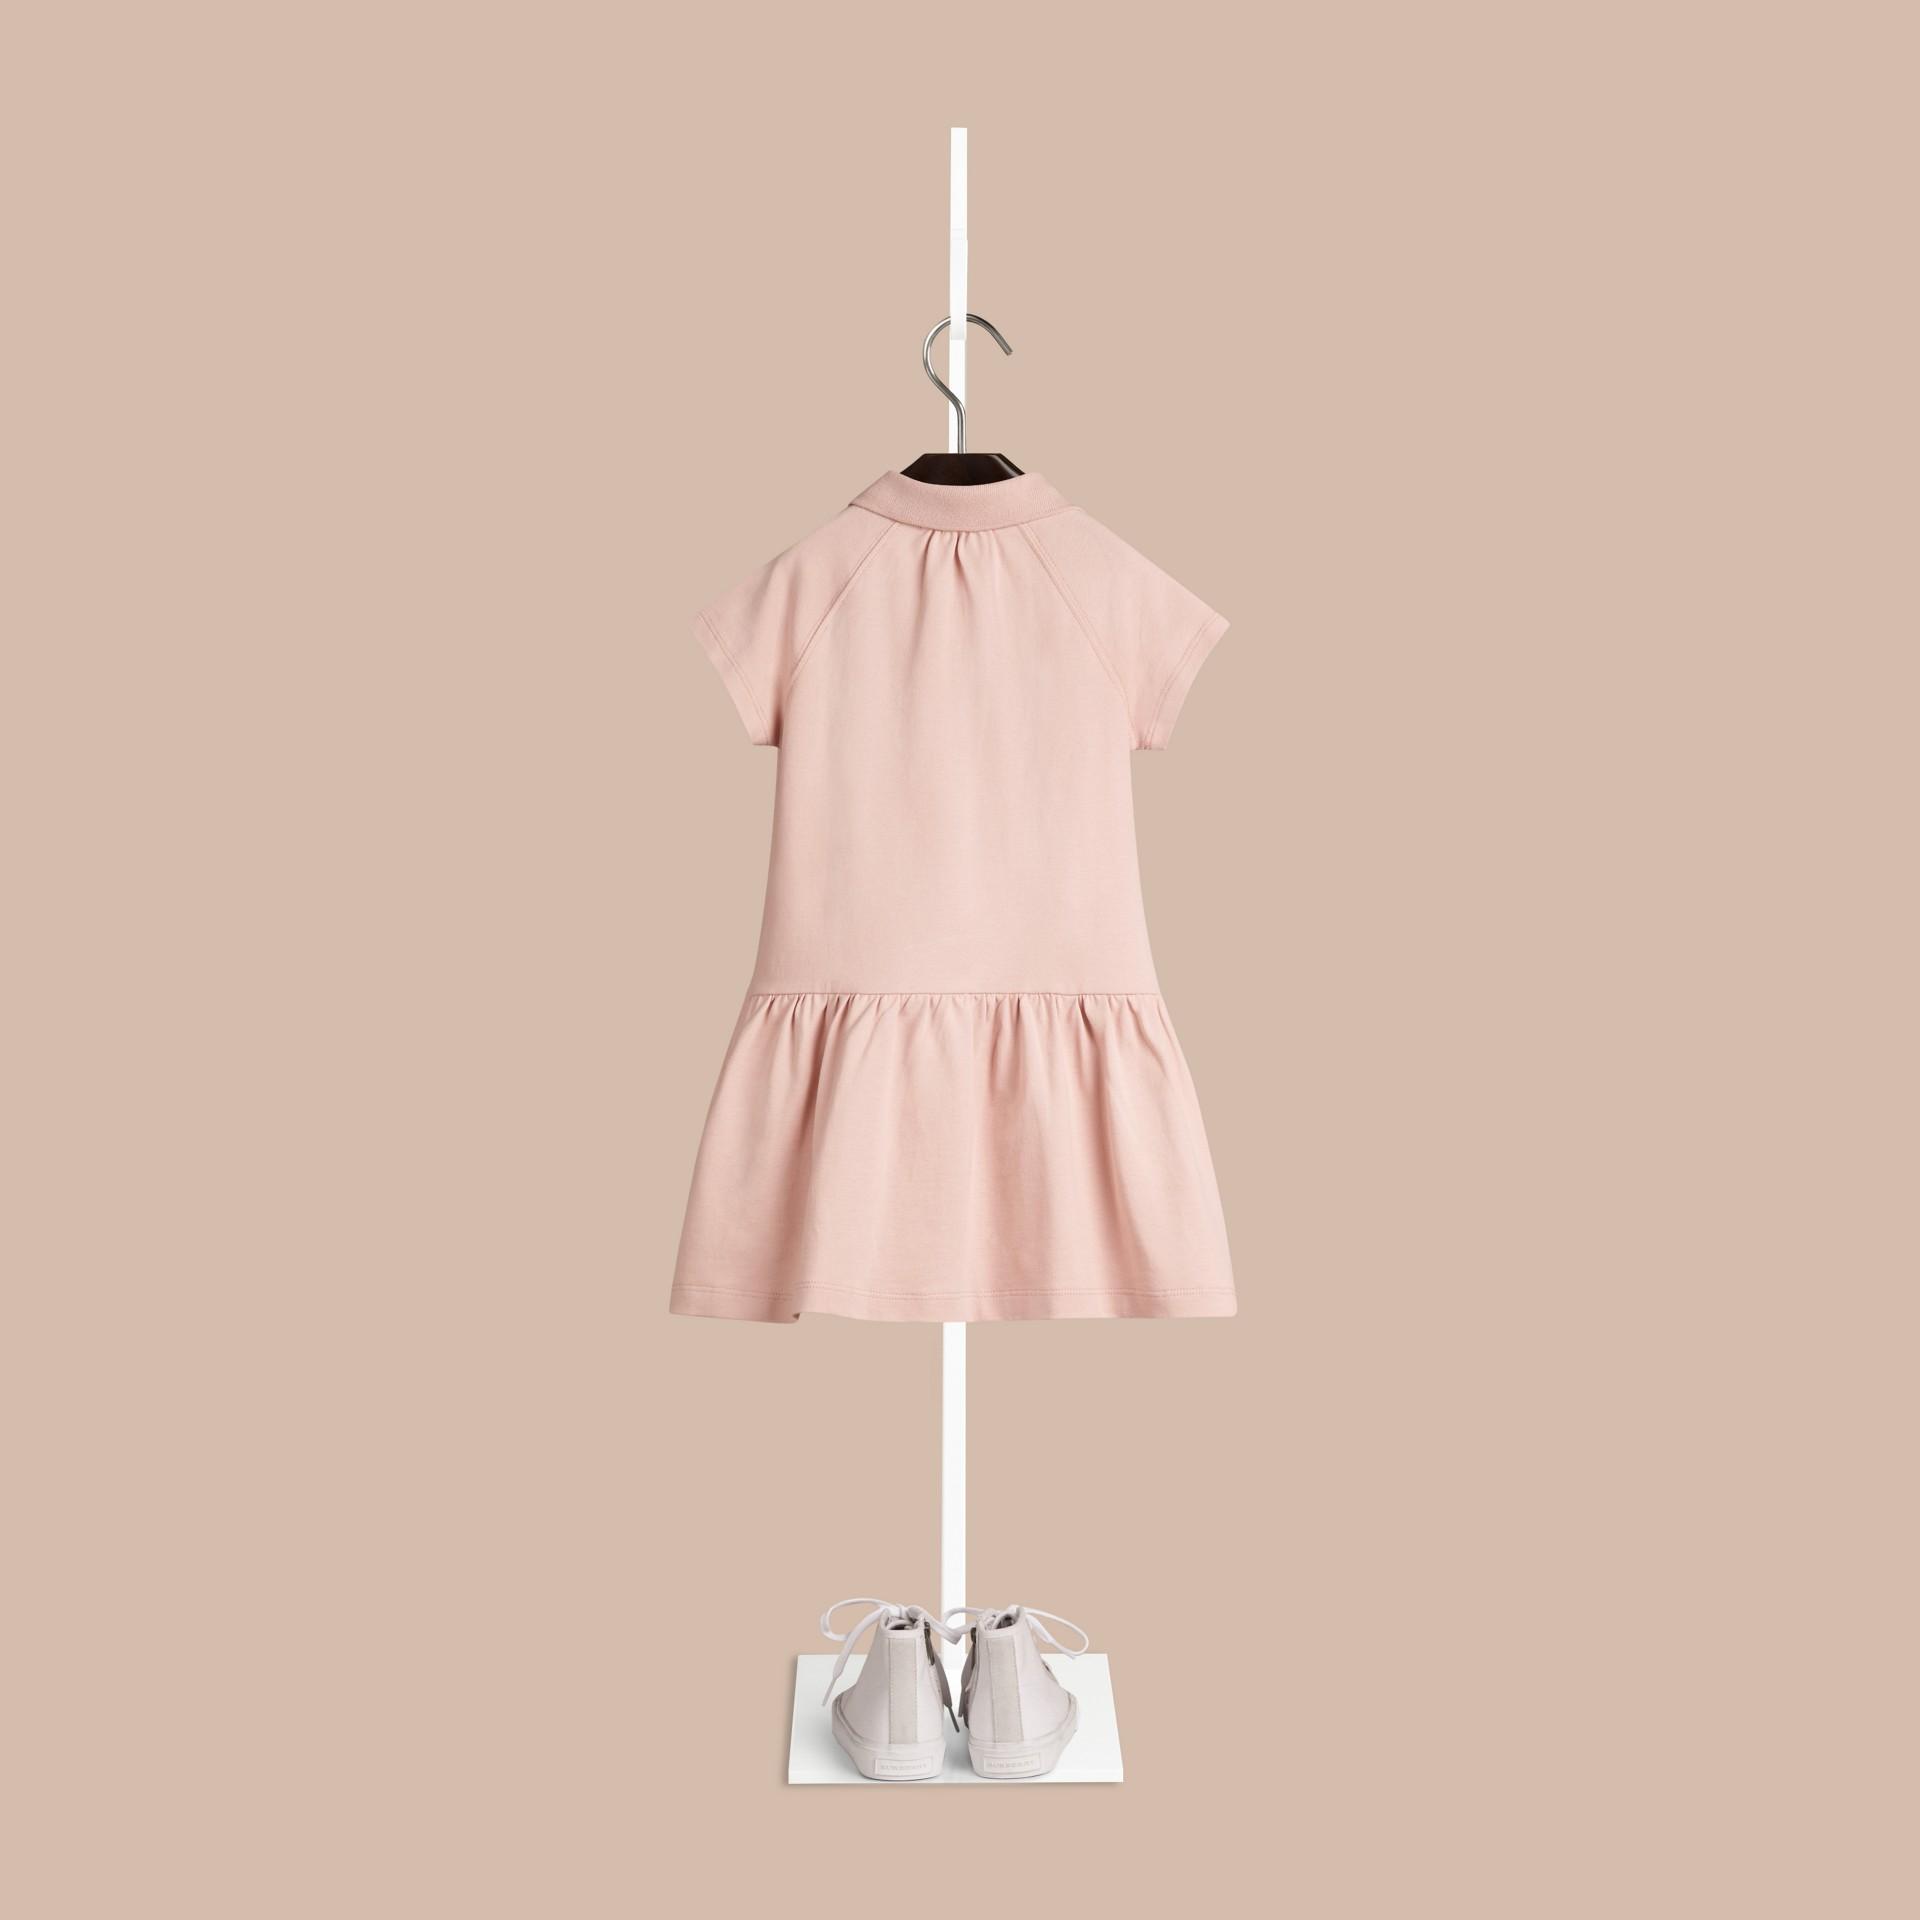 Chalk pink Vestido estilo T-shirt de algodão com tira de botões xadrez Chalk Pink - galeria de imagens 2